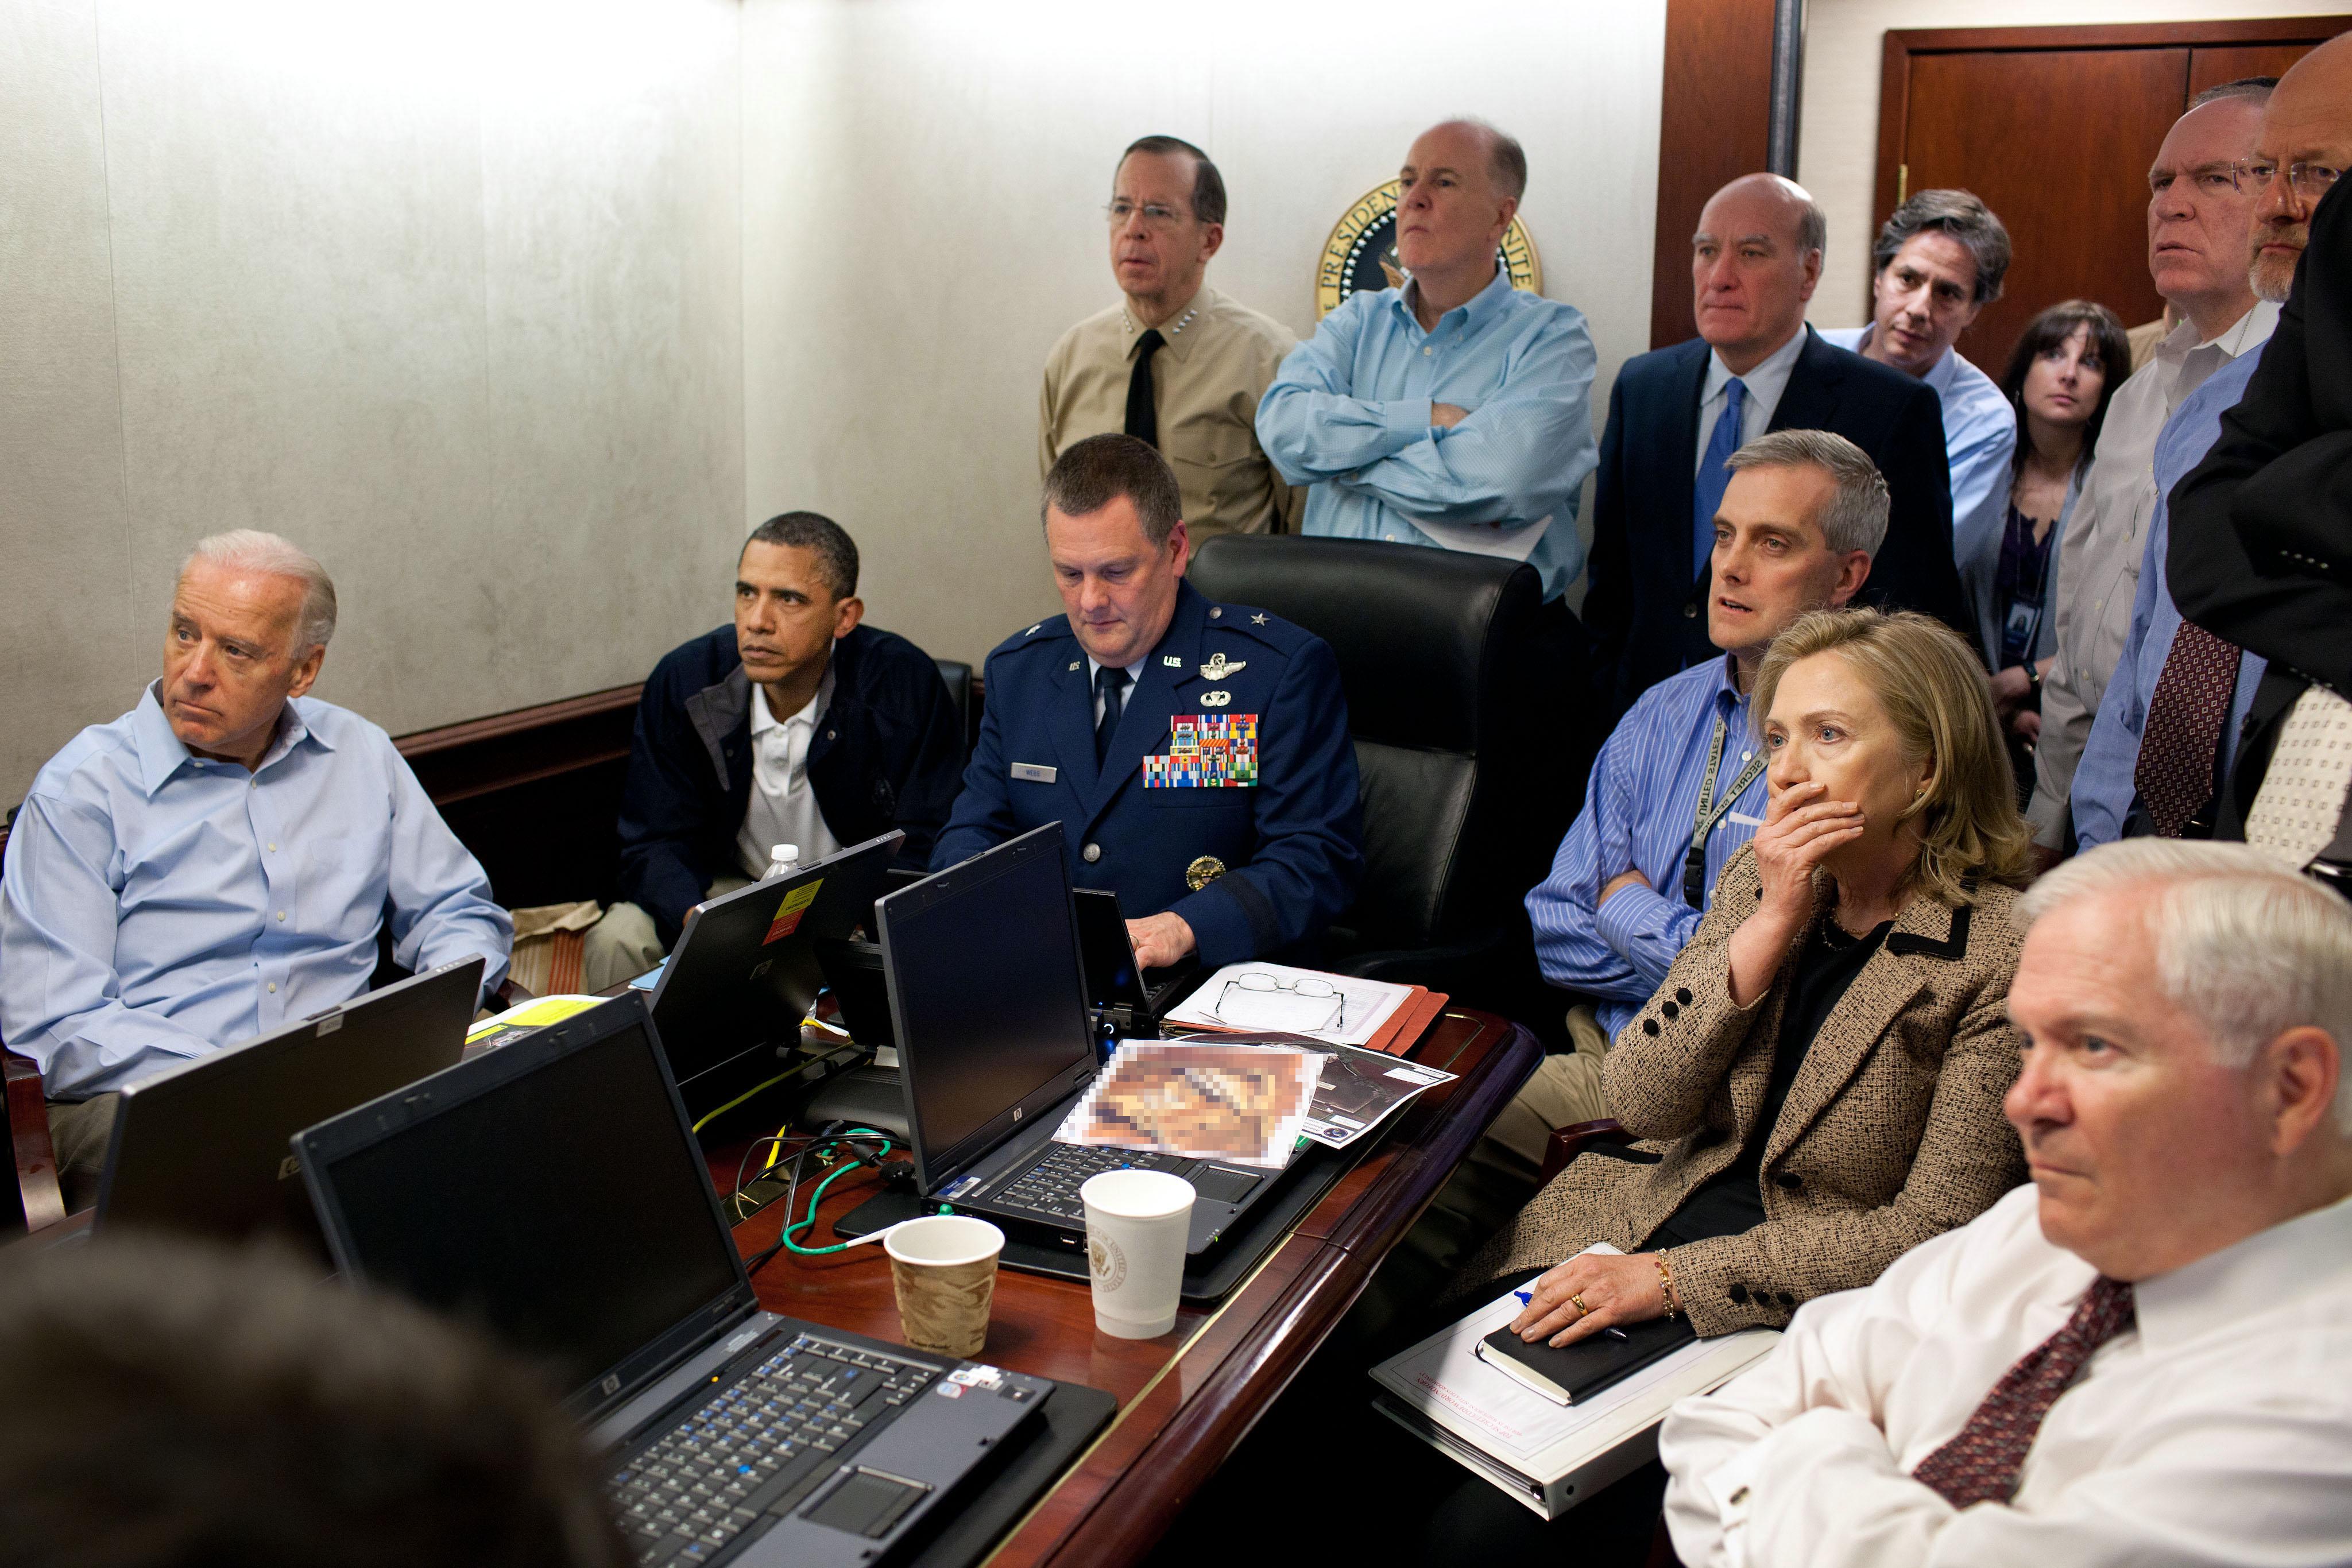 Obwohl wir eigentlich nur sehen, wie eine Gruppe Menschen entsetzt in die Ecke eines Raumes starrt, wurde dieses Foto weltweit als der ultimative Beweis für die Exekution bin Ladens angesehen. Published under public domain.